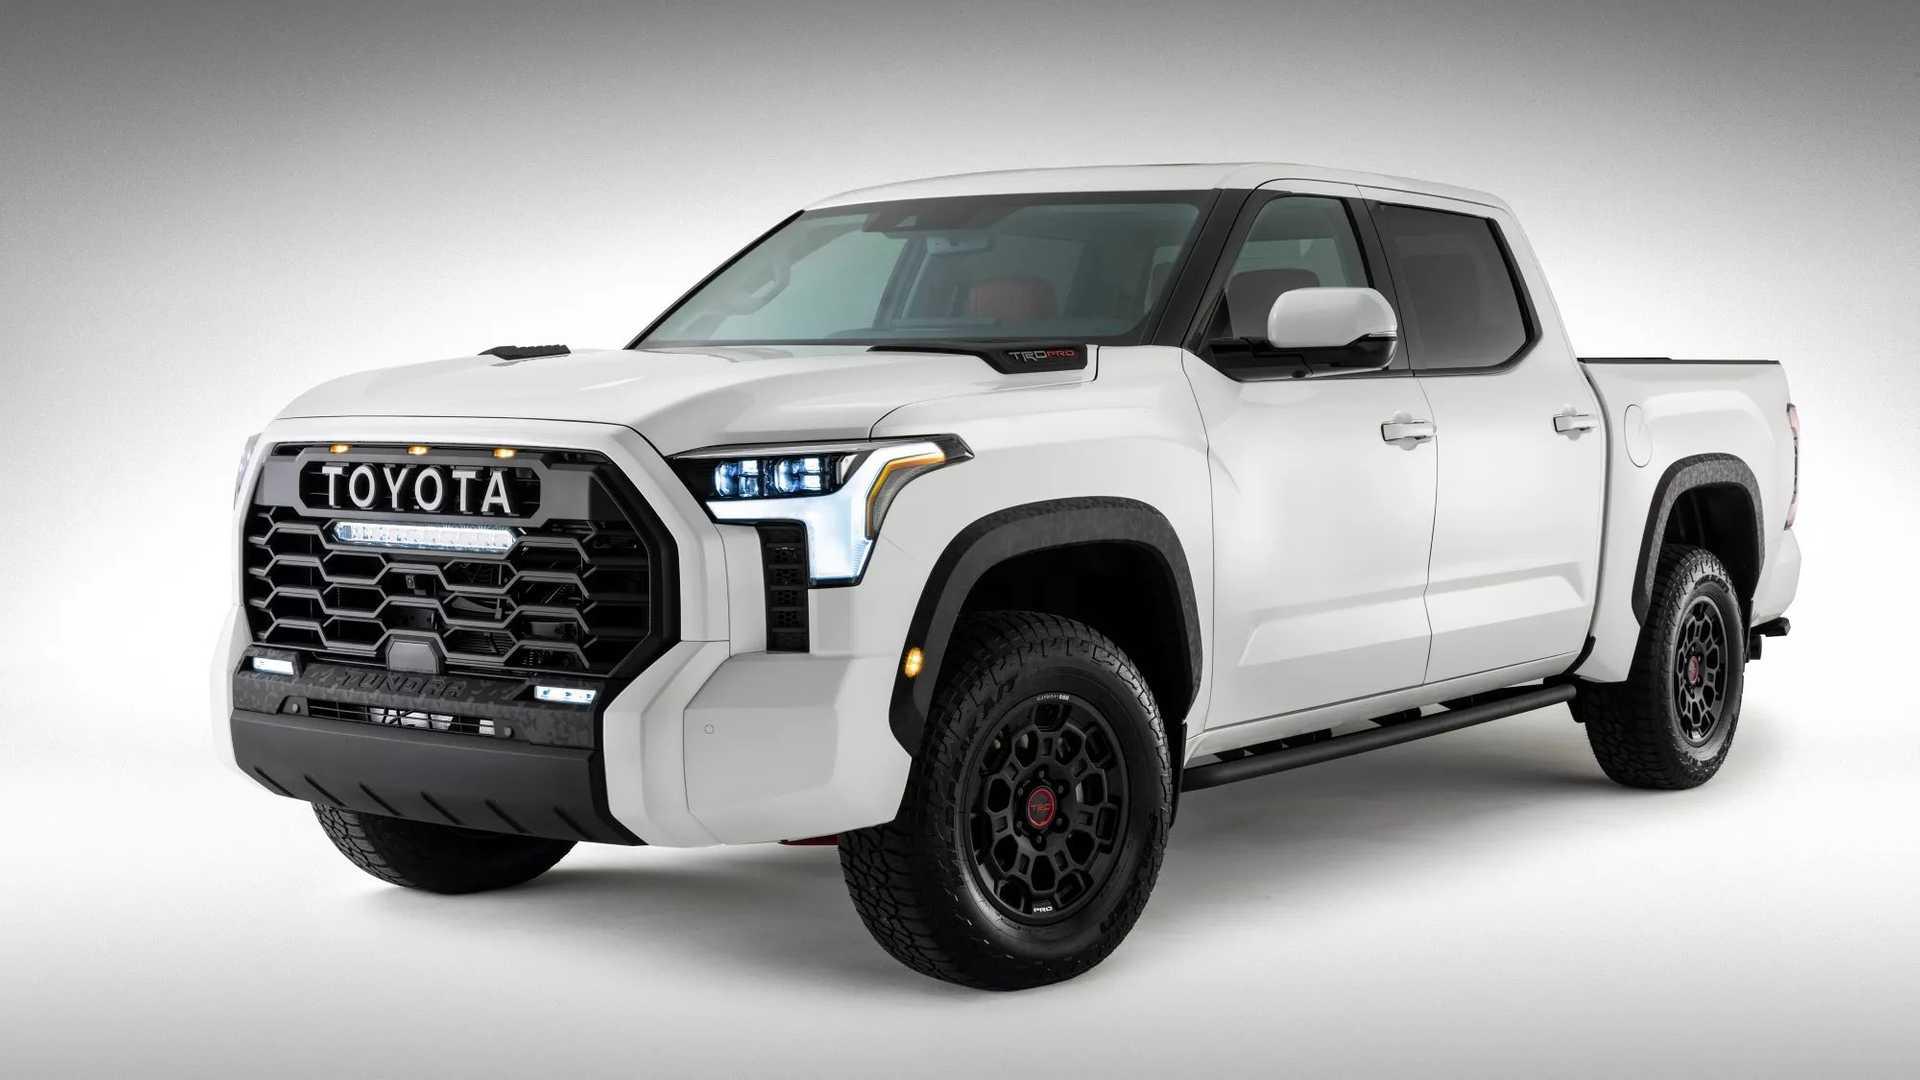 Не так давно Toyota оказалась в затруднительном положении, когда просочившееся в Сеть изображение раскрыло внешний вид Tundra следующего поколения. Автопроизводитель быстро опубликовал официальную фотографию, подтверждающую дизайн пикапа, но с тех пор мы мало о нем узнали.